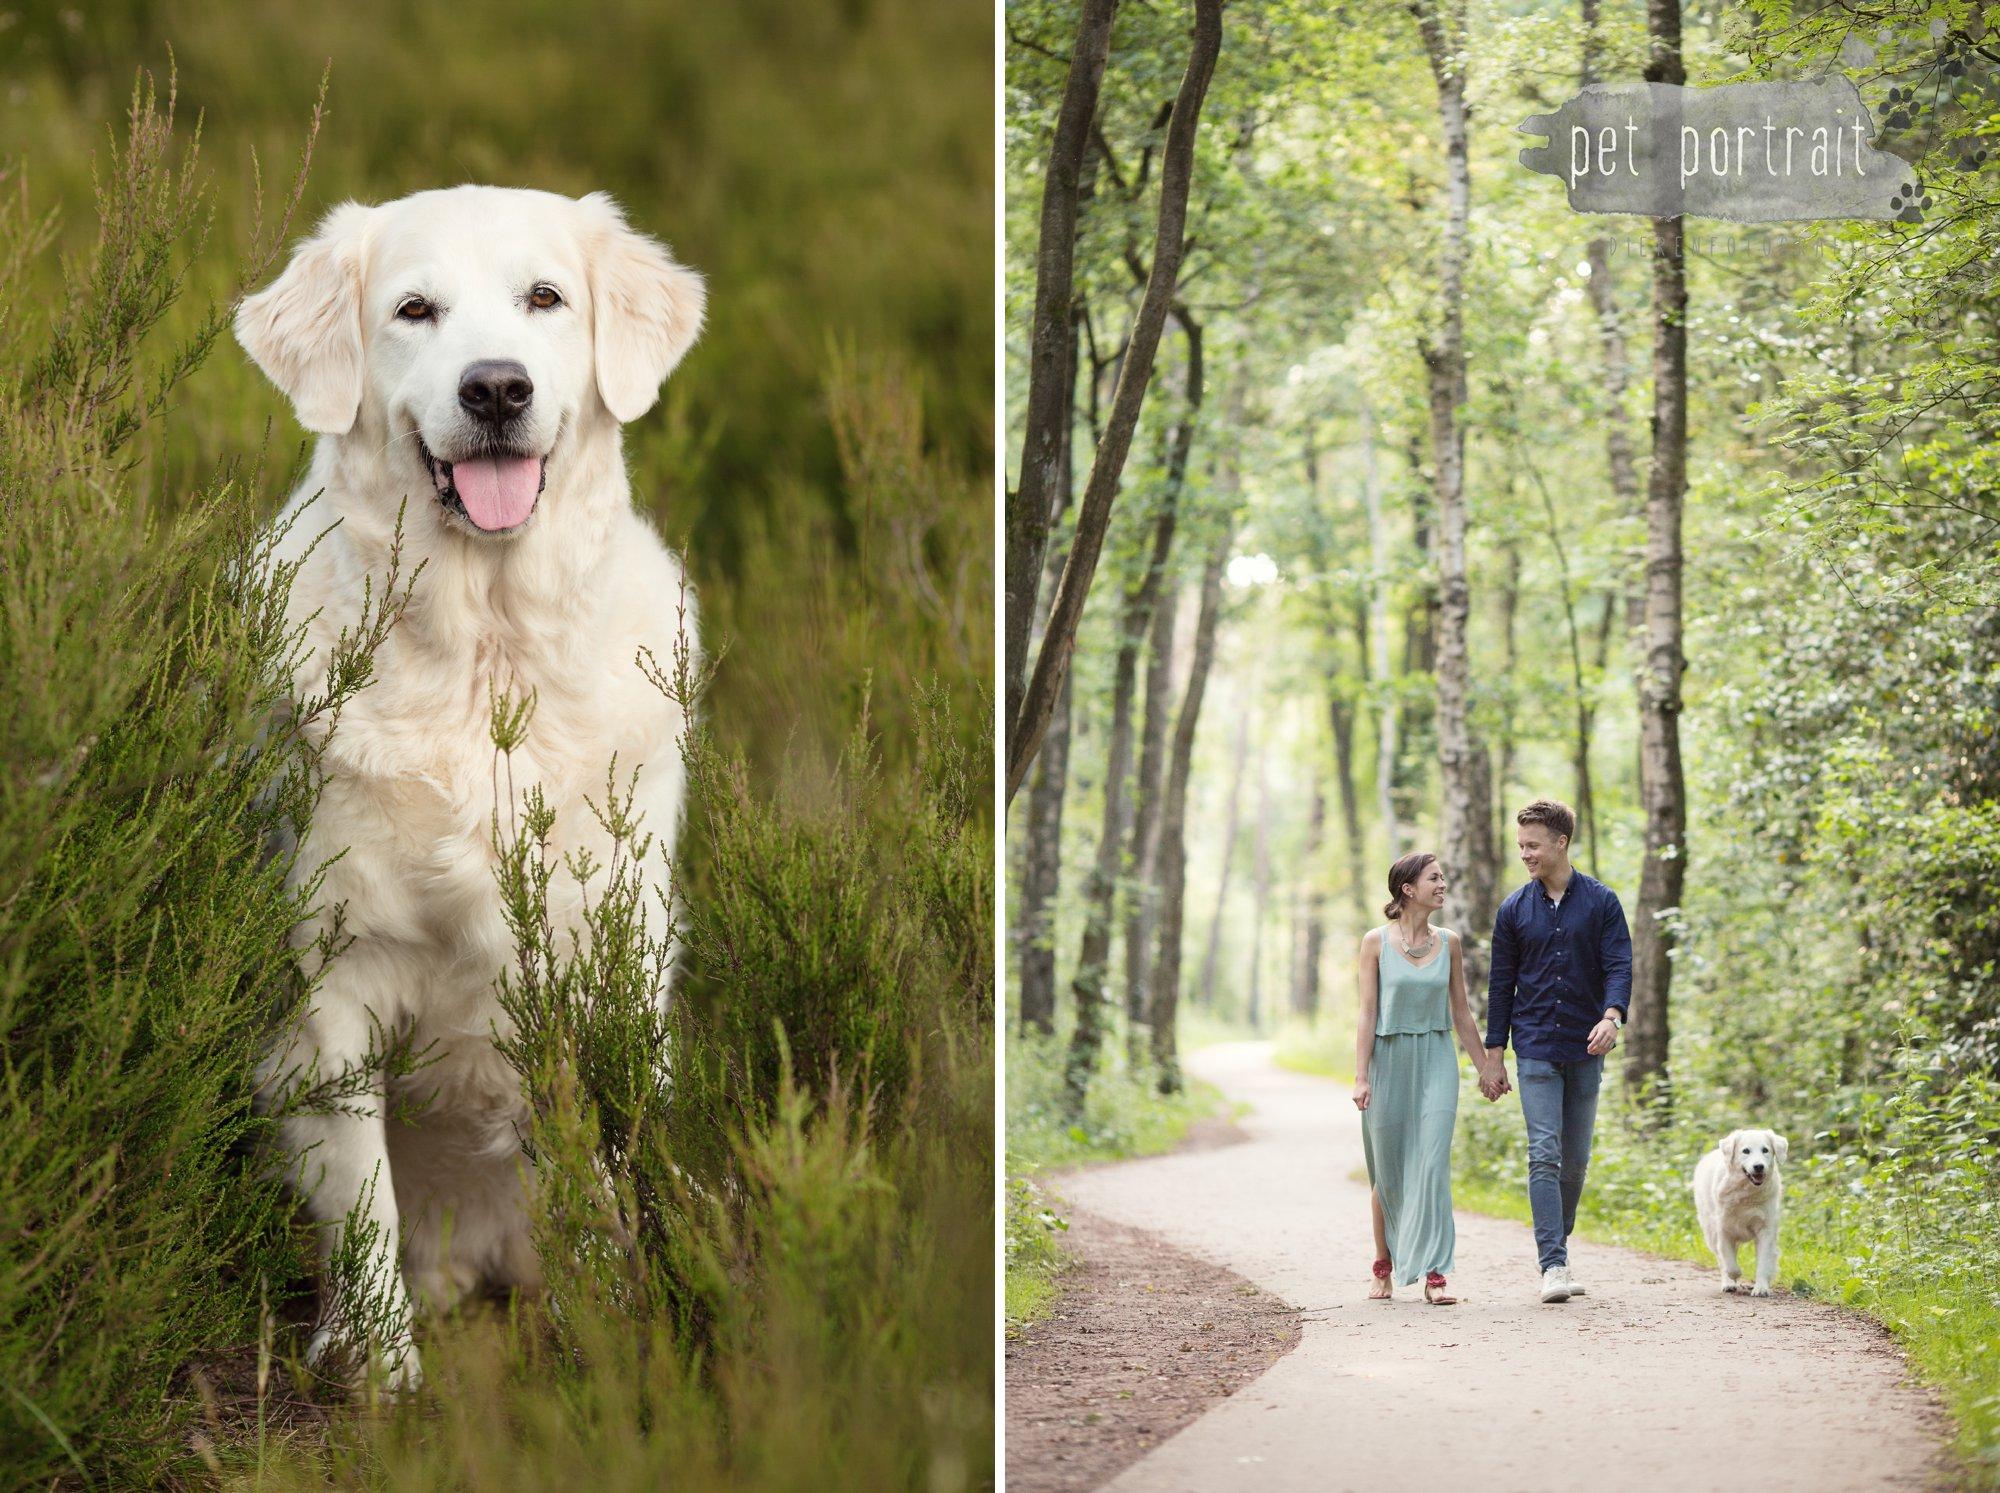 Hondenfotograaf Soest - Dier en Baasje fotoshoot in de Soesterduinen-6